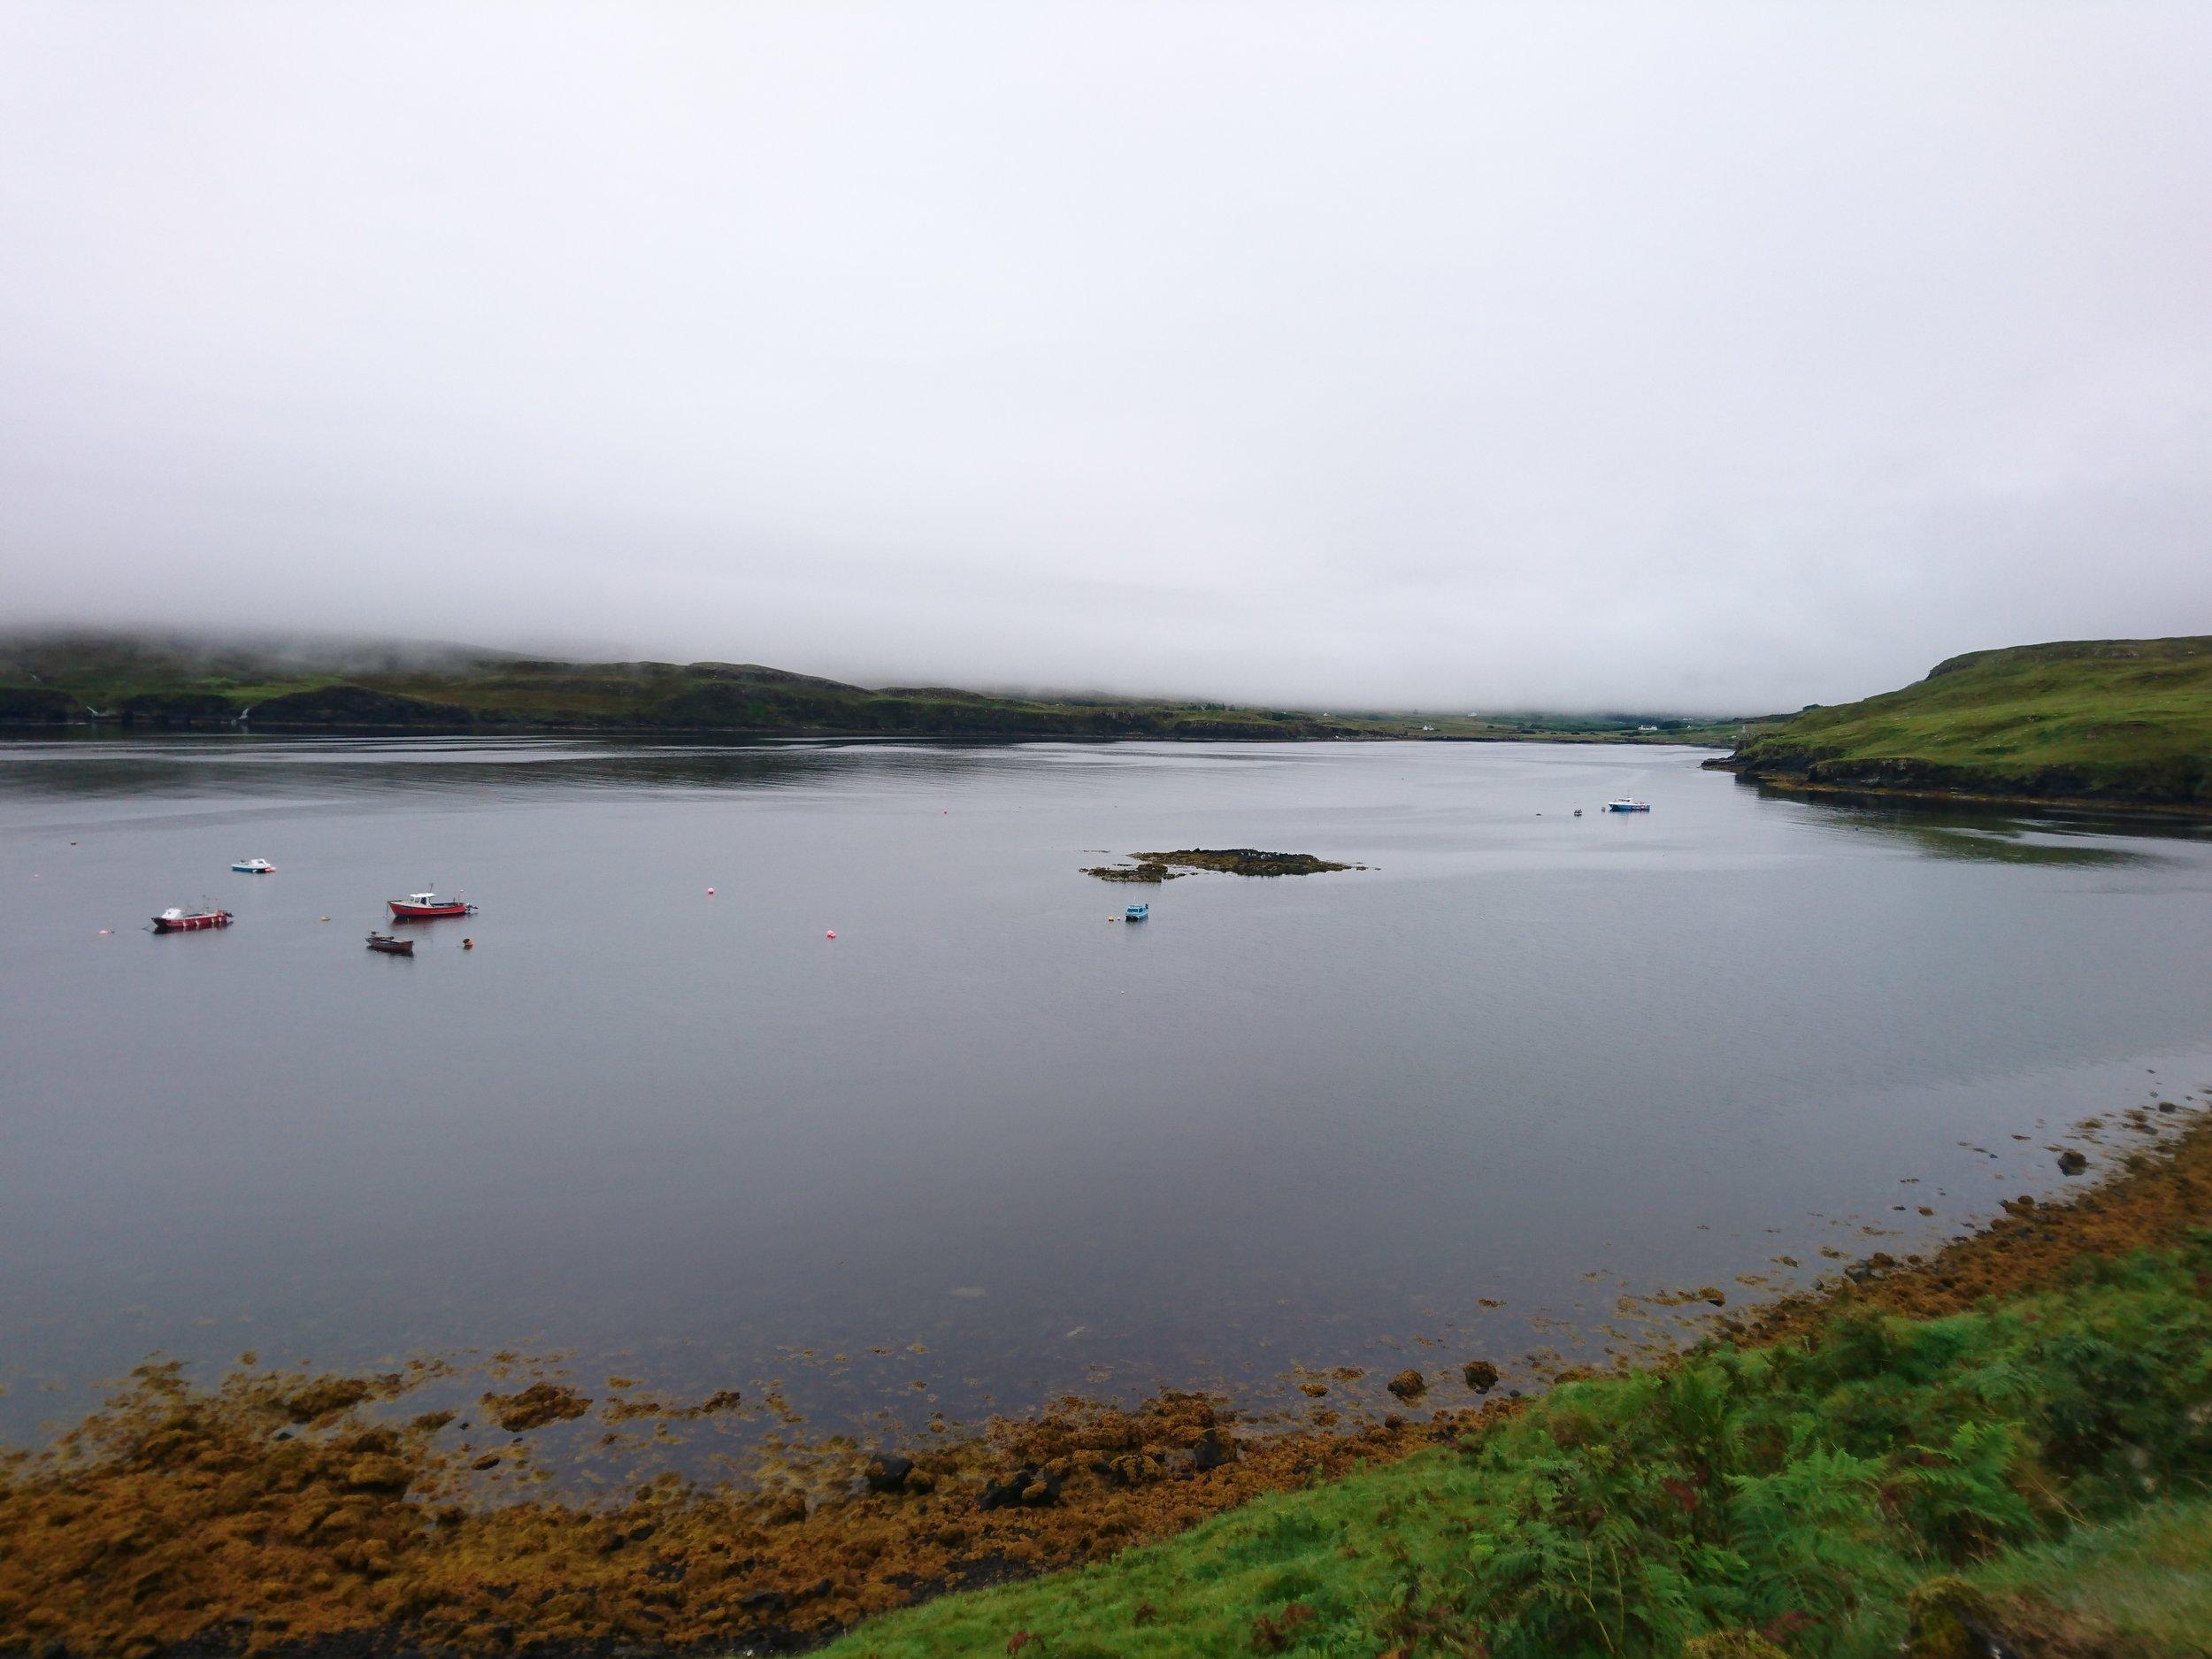 Loch Pooltiel